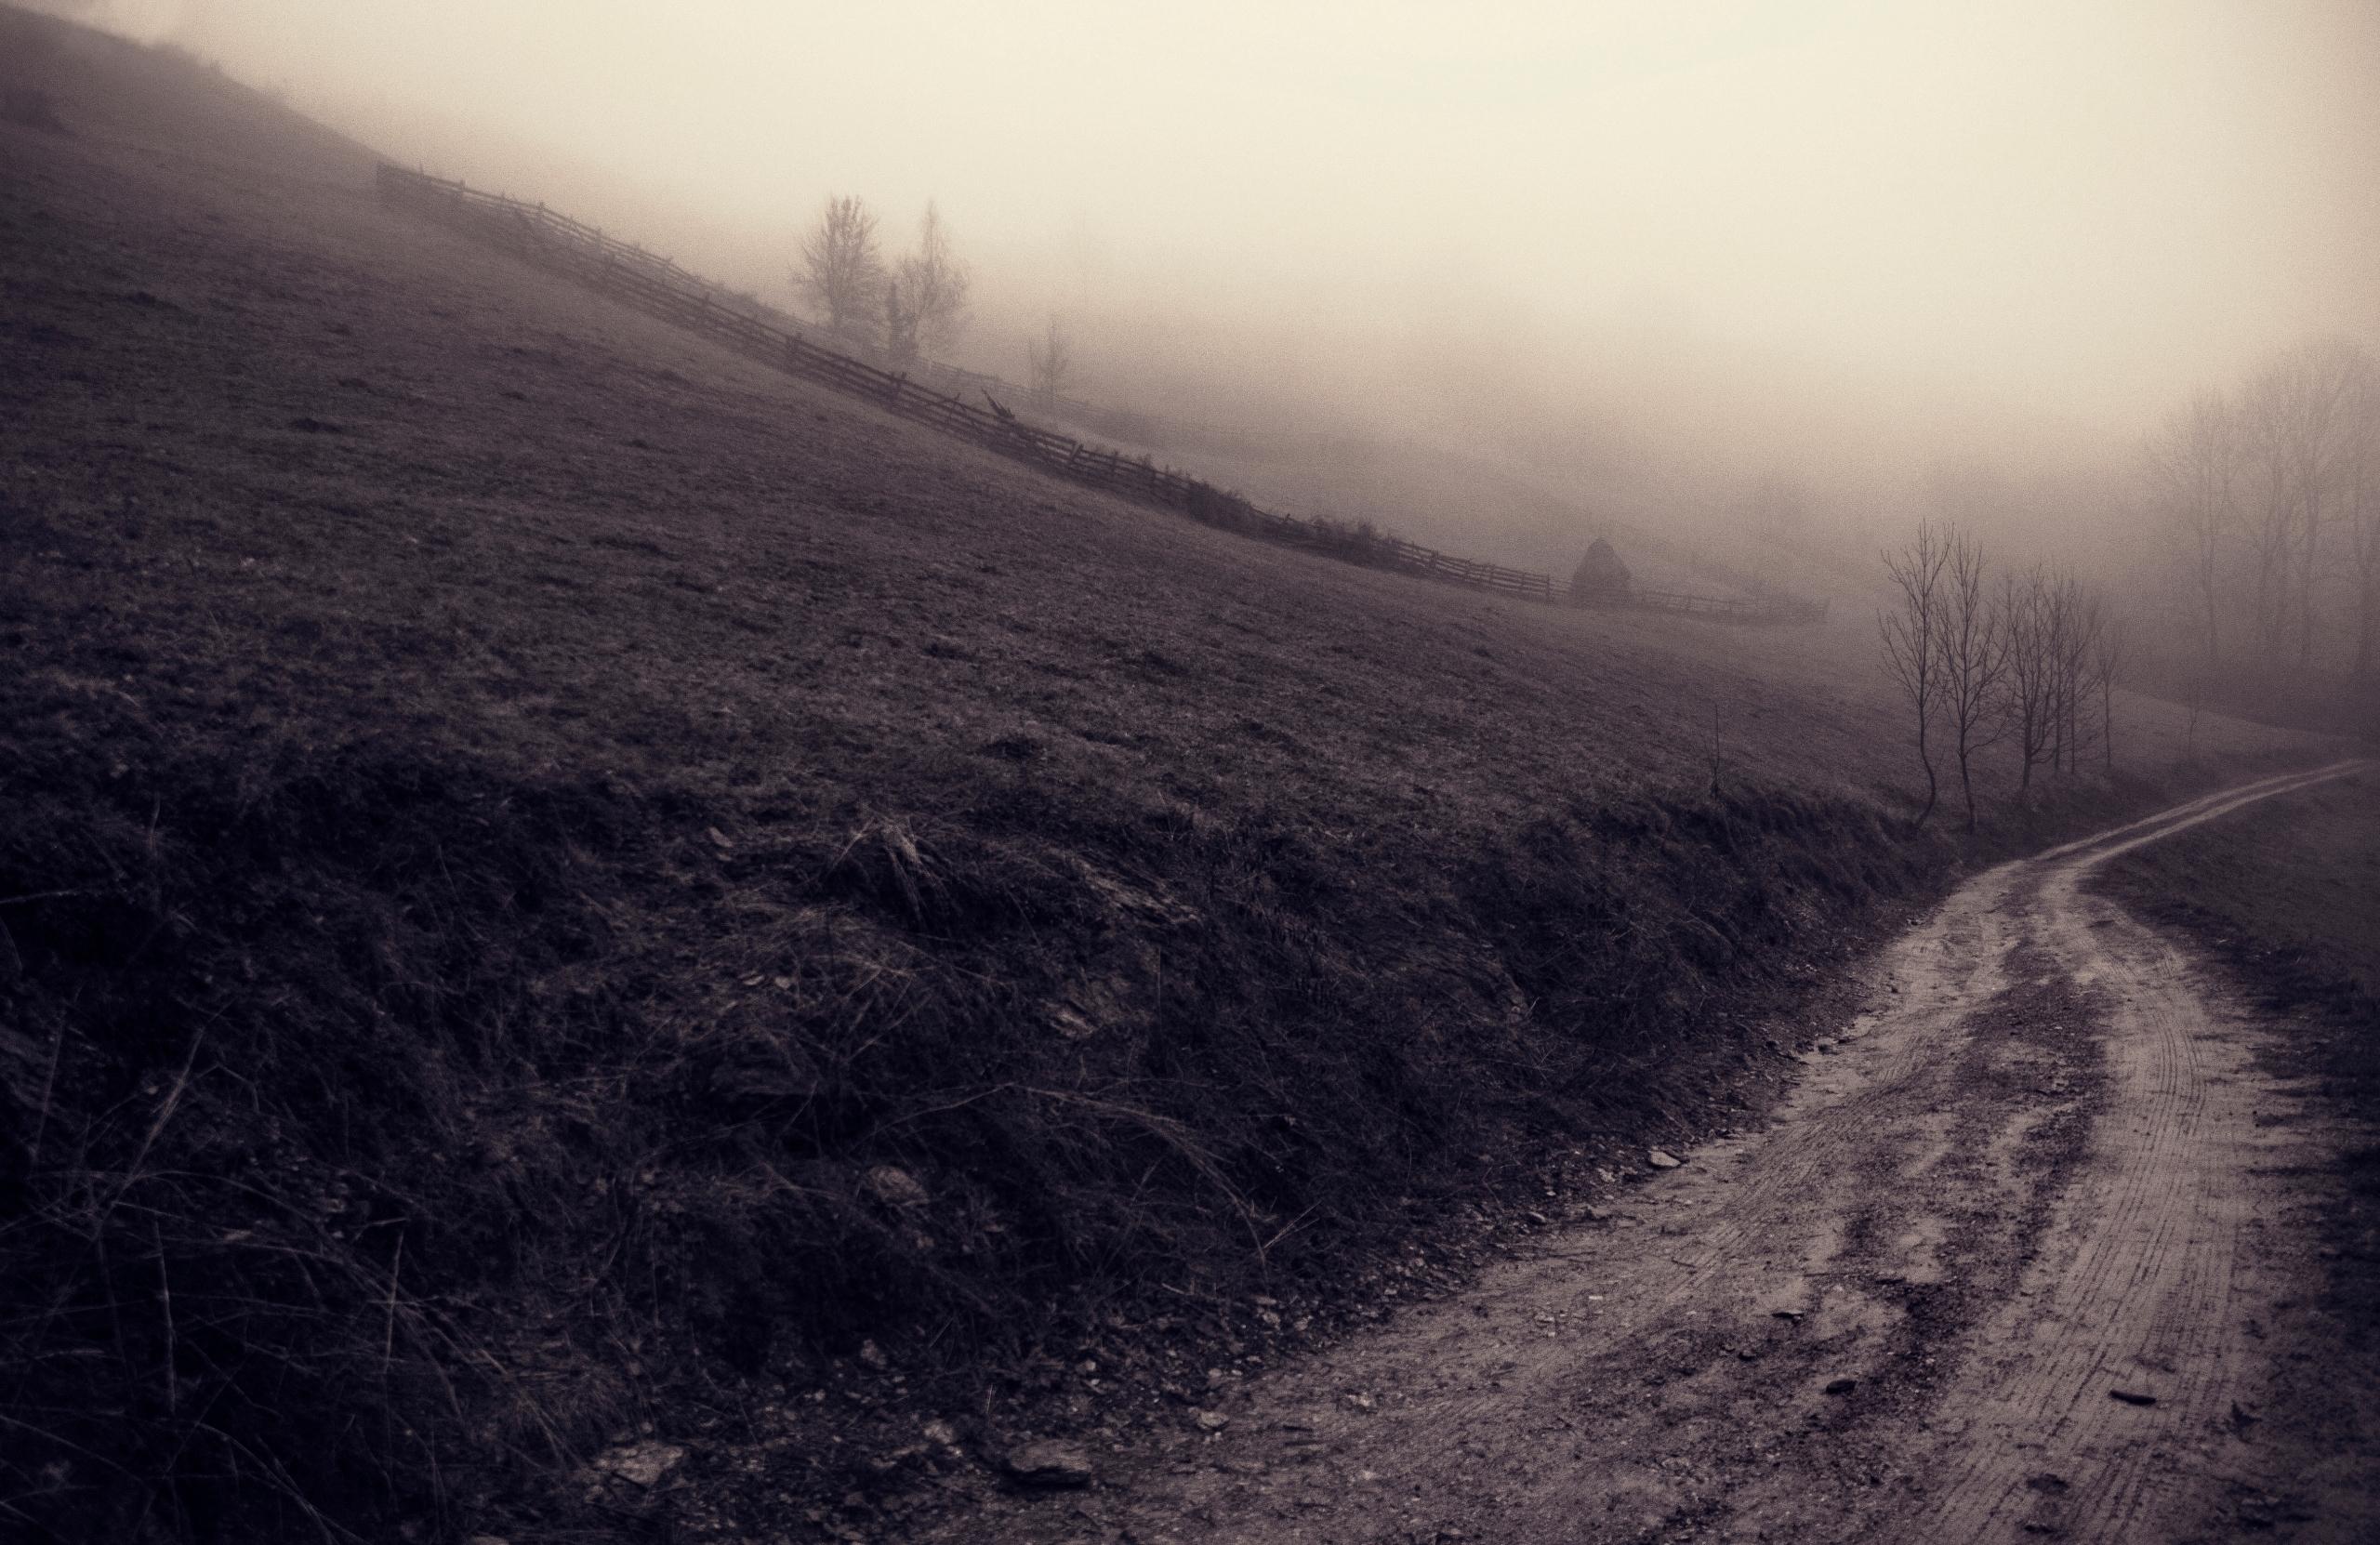 Muntele Sacelului-Romania. Mist - panioan | ello